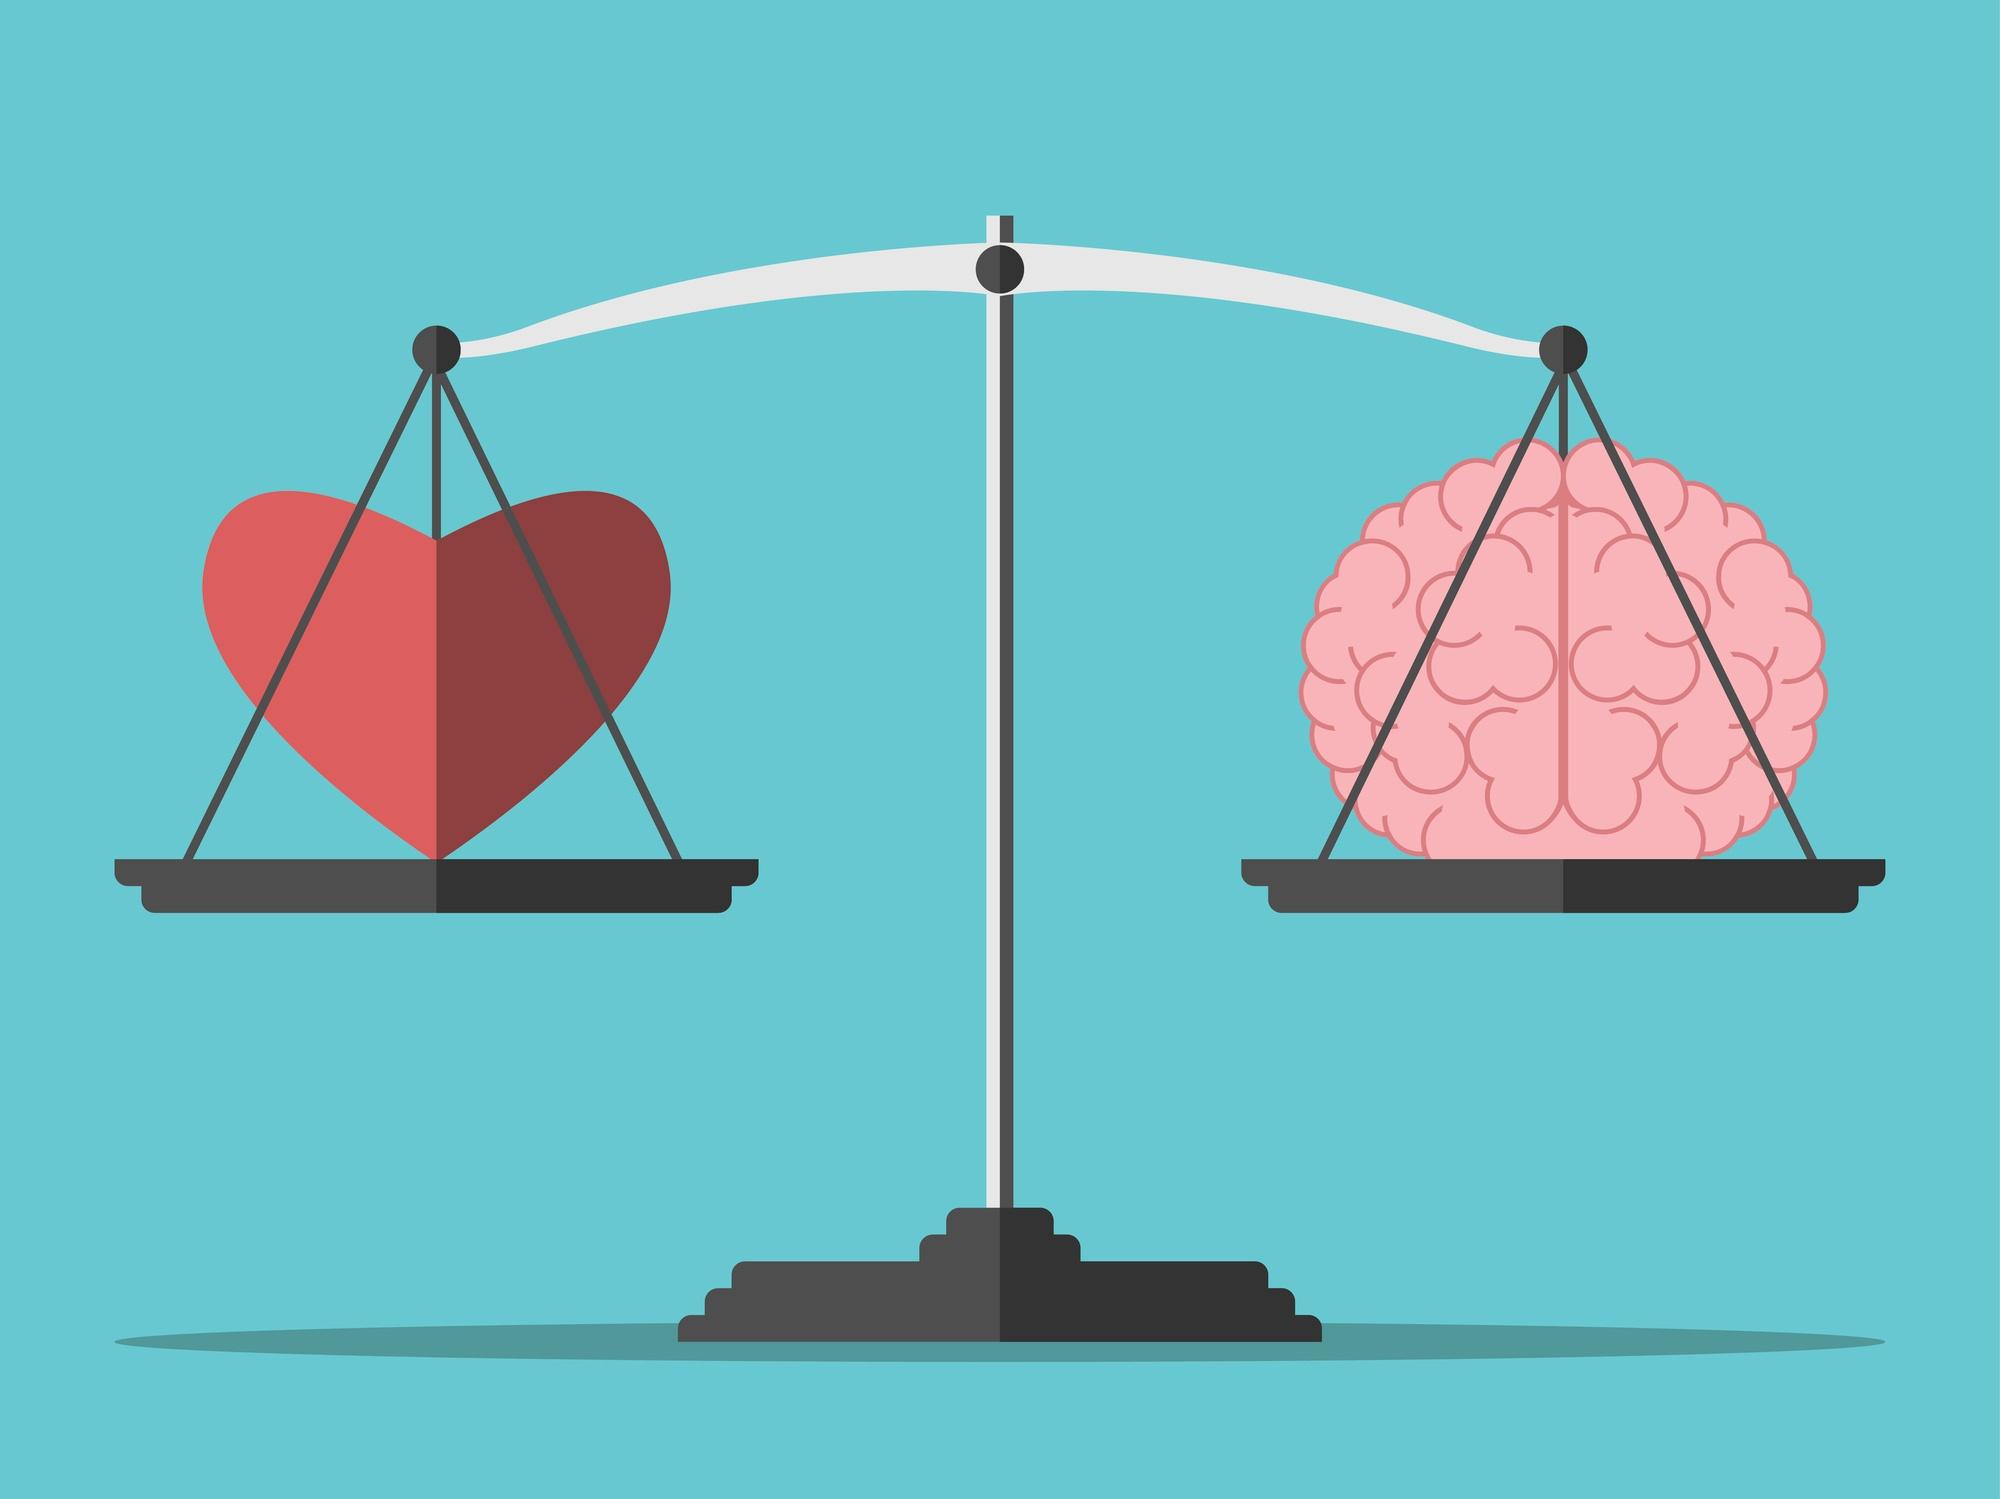 6 Preguntas para evaluar la inteligencia emocional